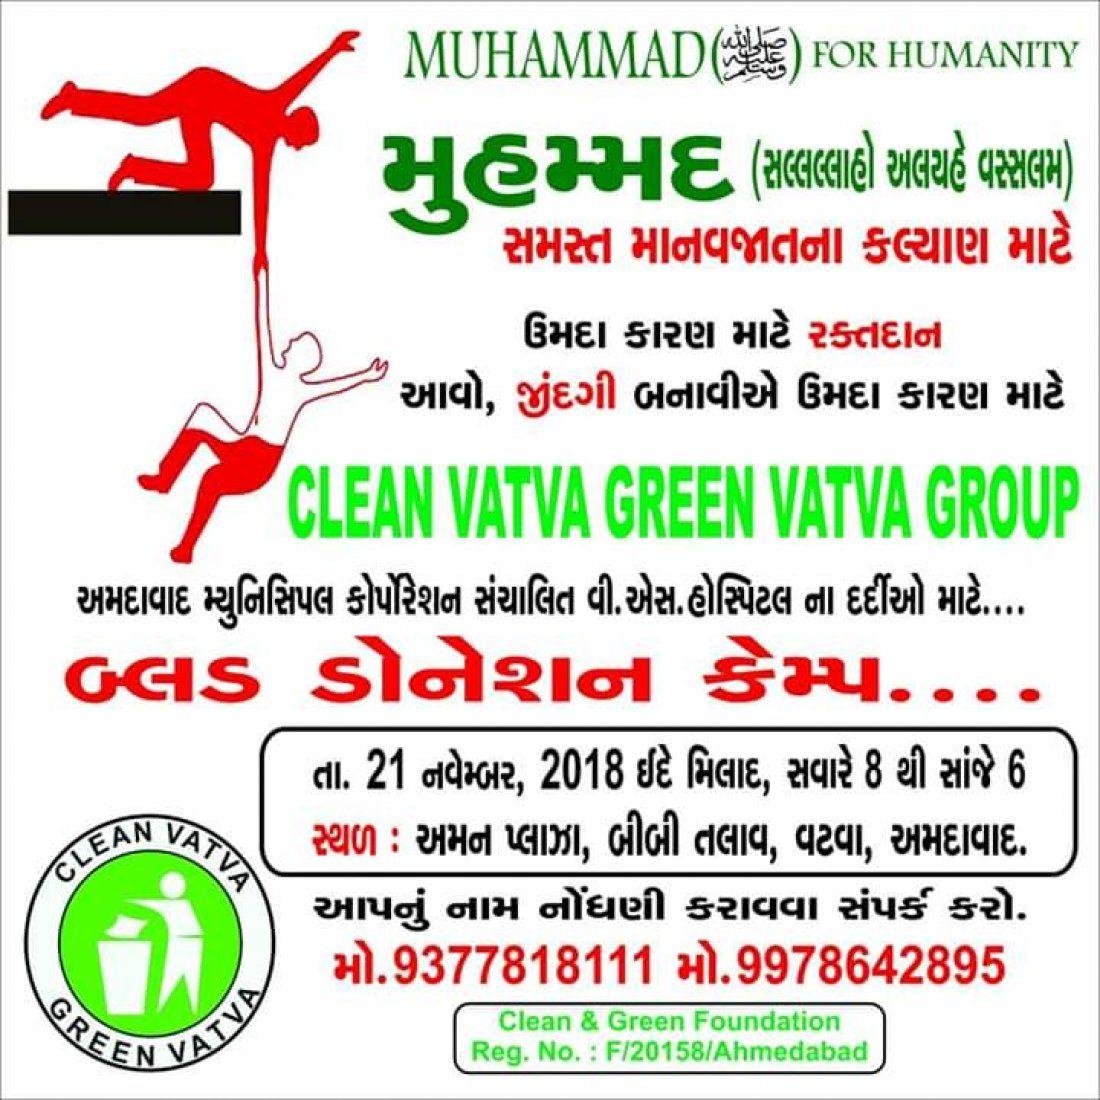 Blood Donation Camp On Eid-e-Milaadunnabi By Clean vatva green vatva